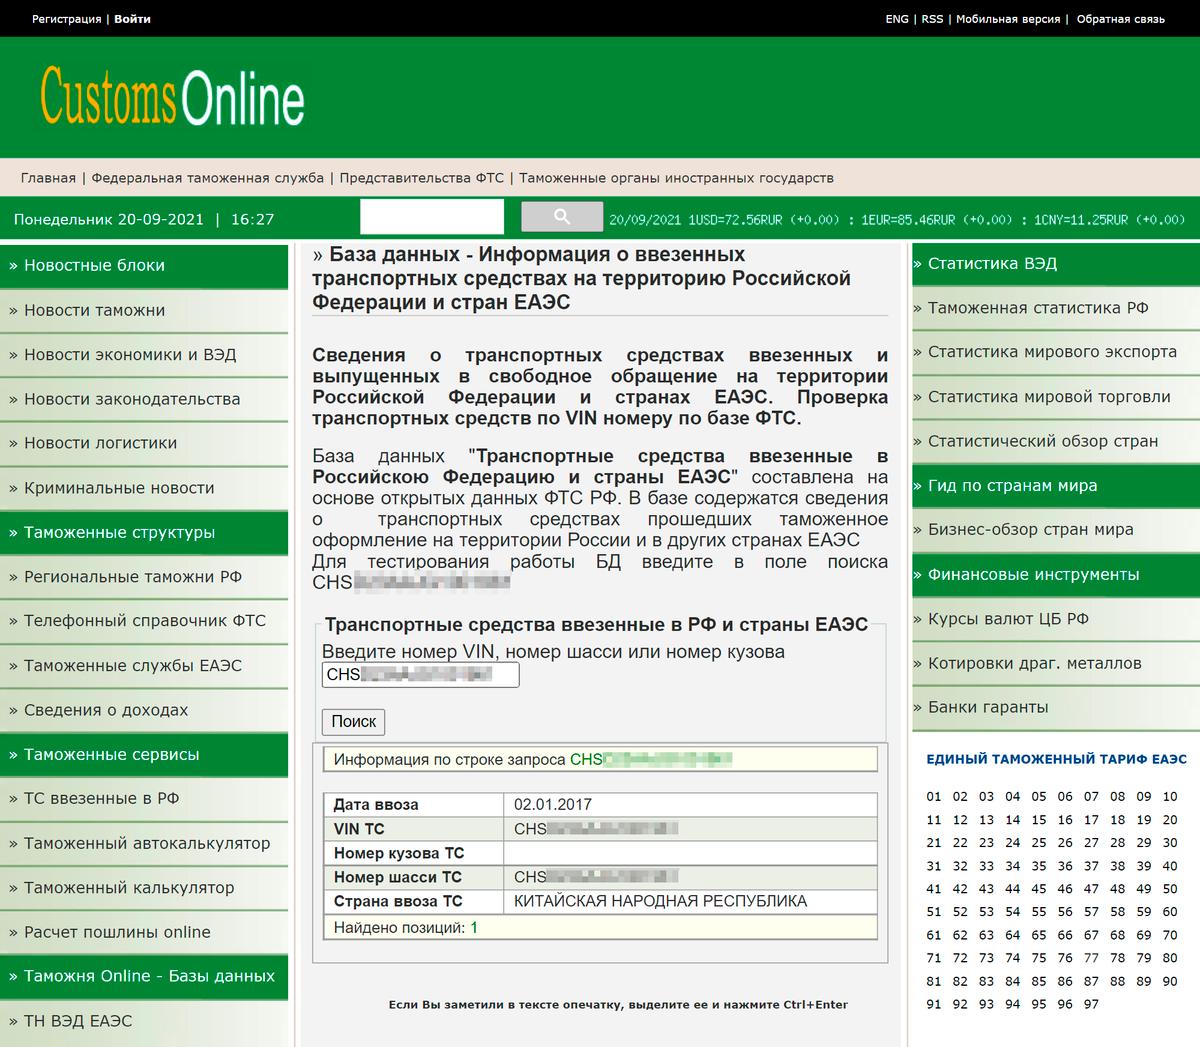 Сервис показывает информацию о ввезенных на территорию РФ автомобилях